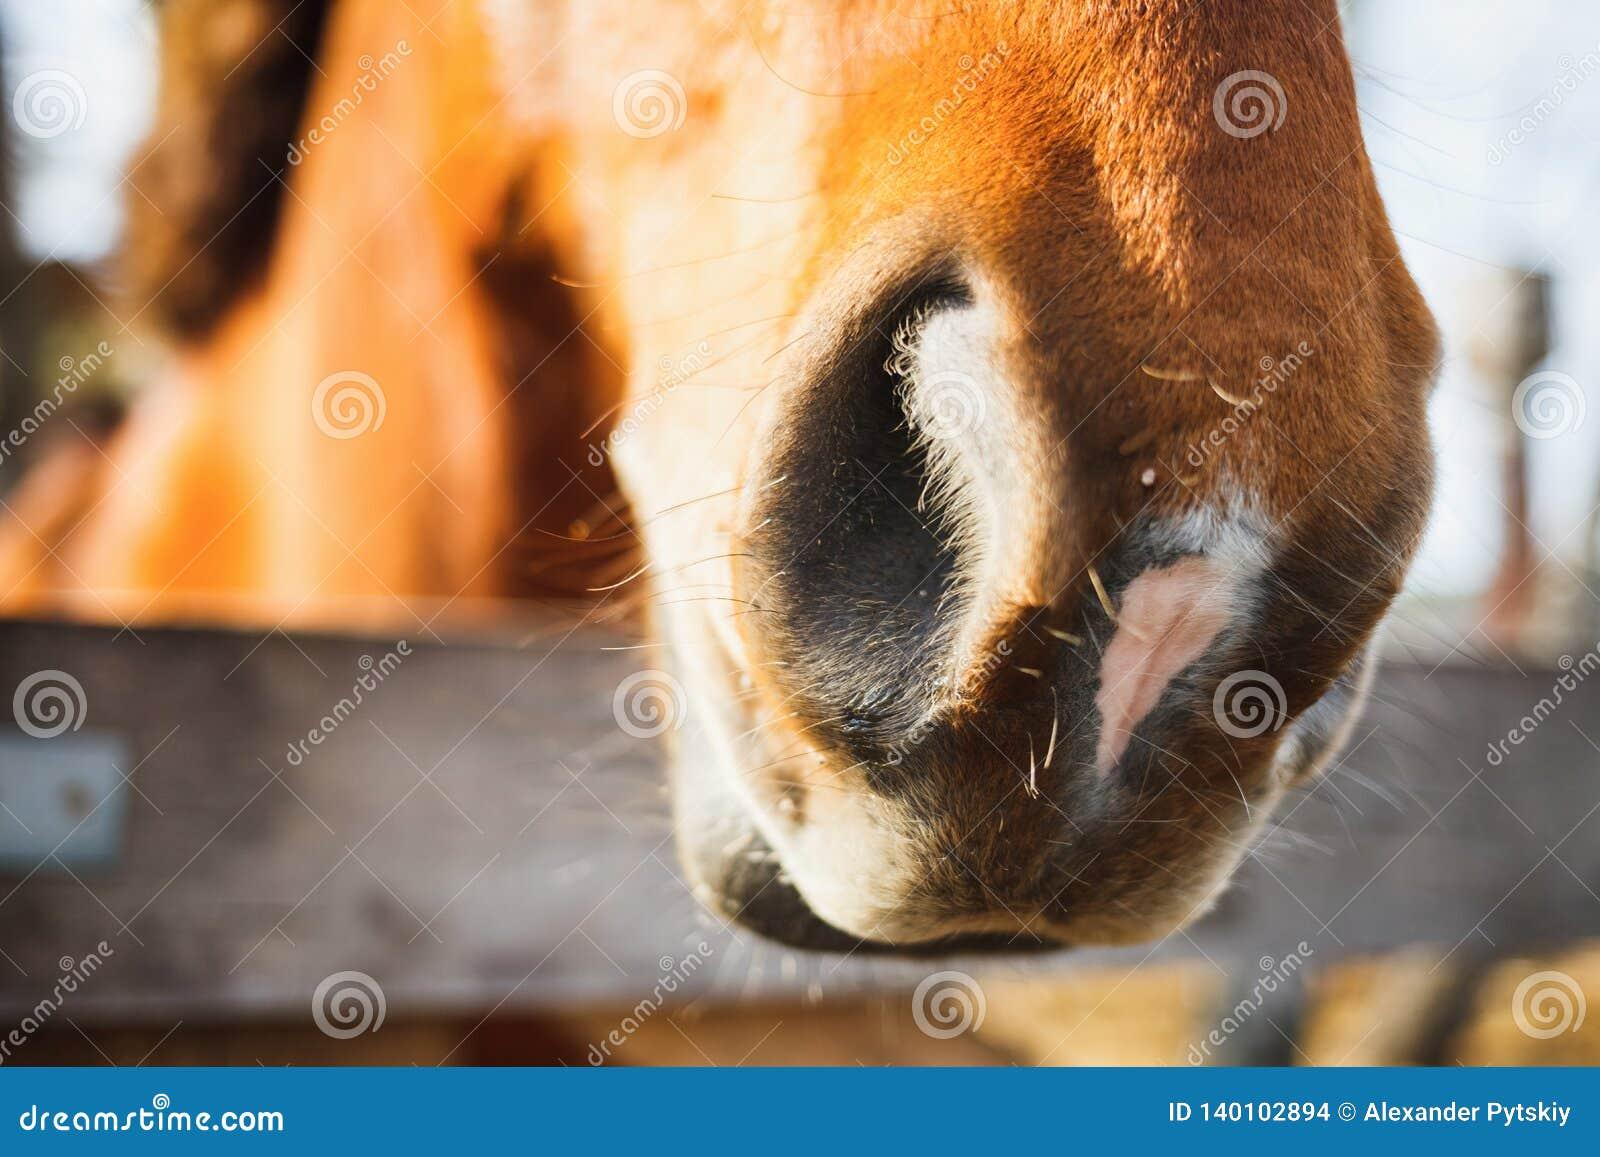 Nahaufnahme der Nasenlöcher eines rotes Pferds auf einem Bauernhof